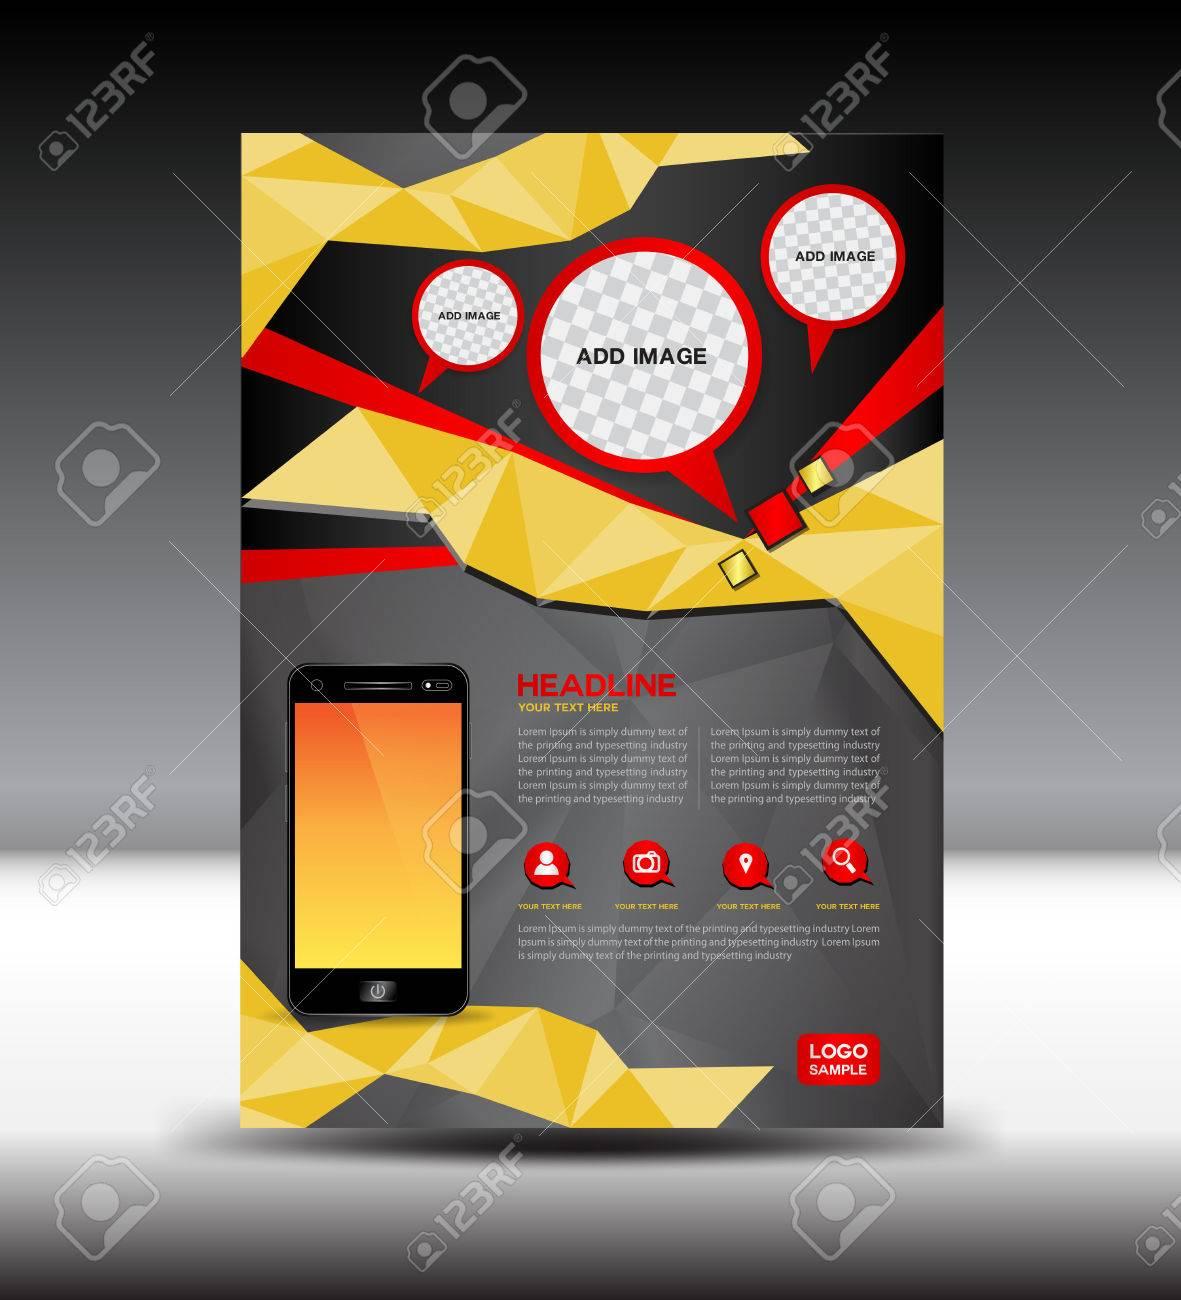 Gold Und Schwarz Broschüre Magazin Mobile Layout Prospekt Design